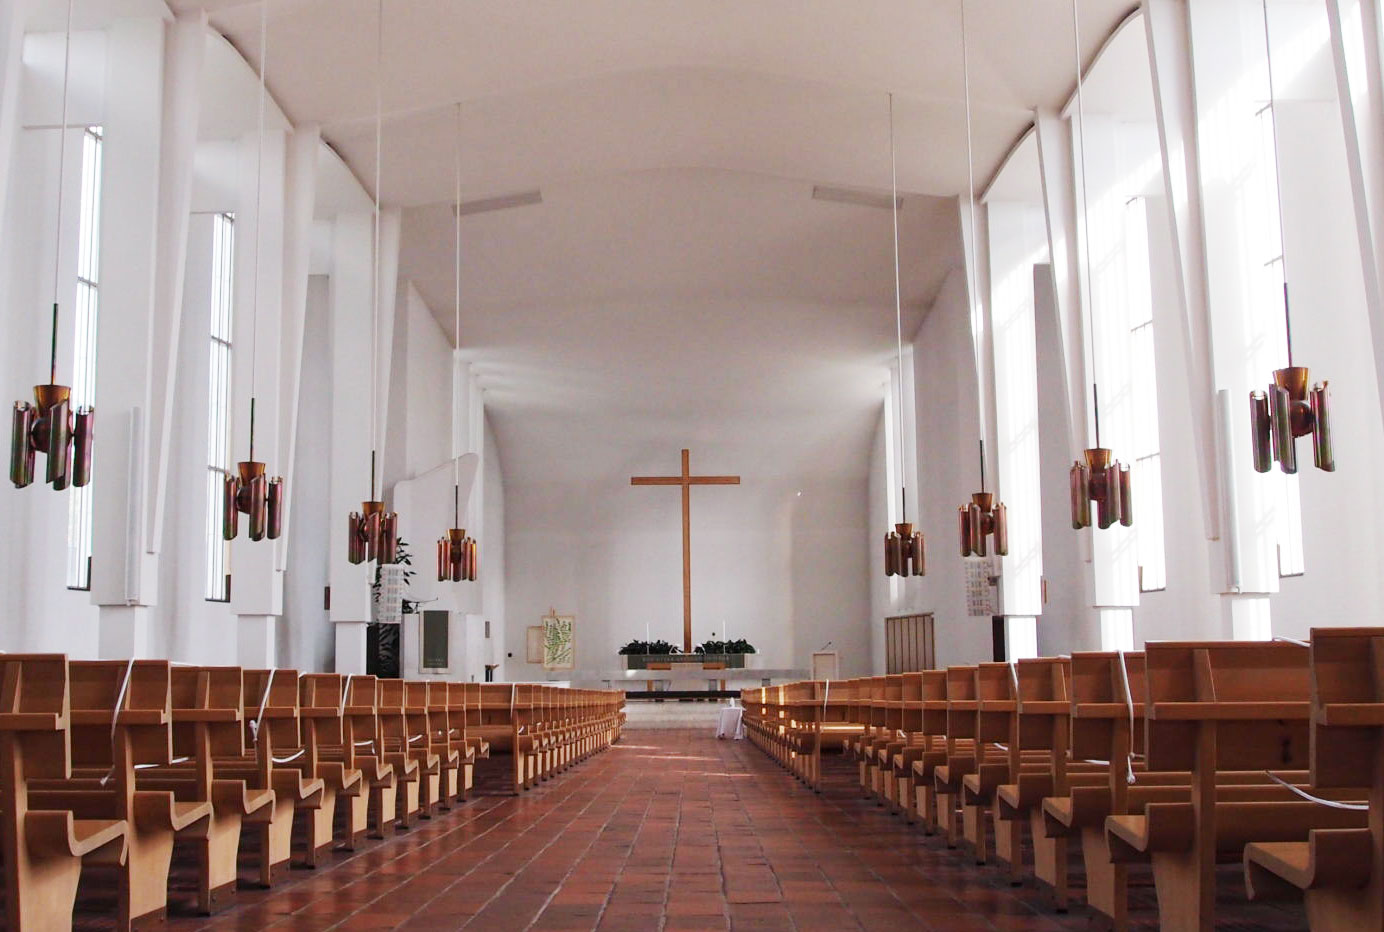 ラケウデンリスティ教会の内部